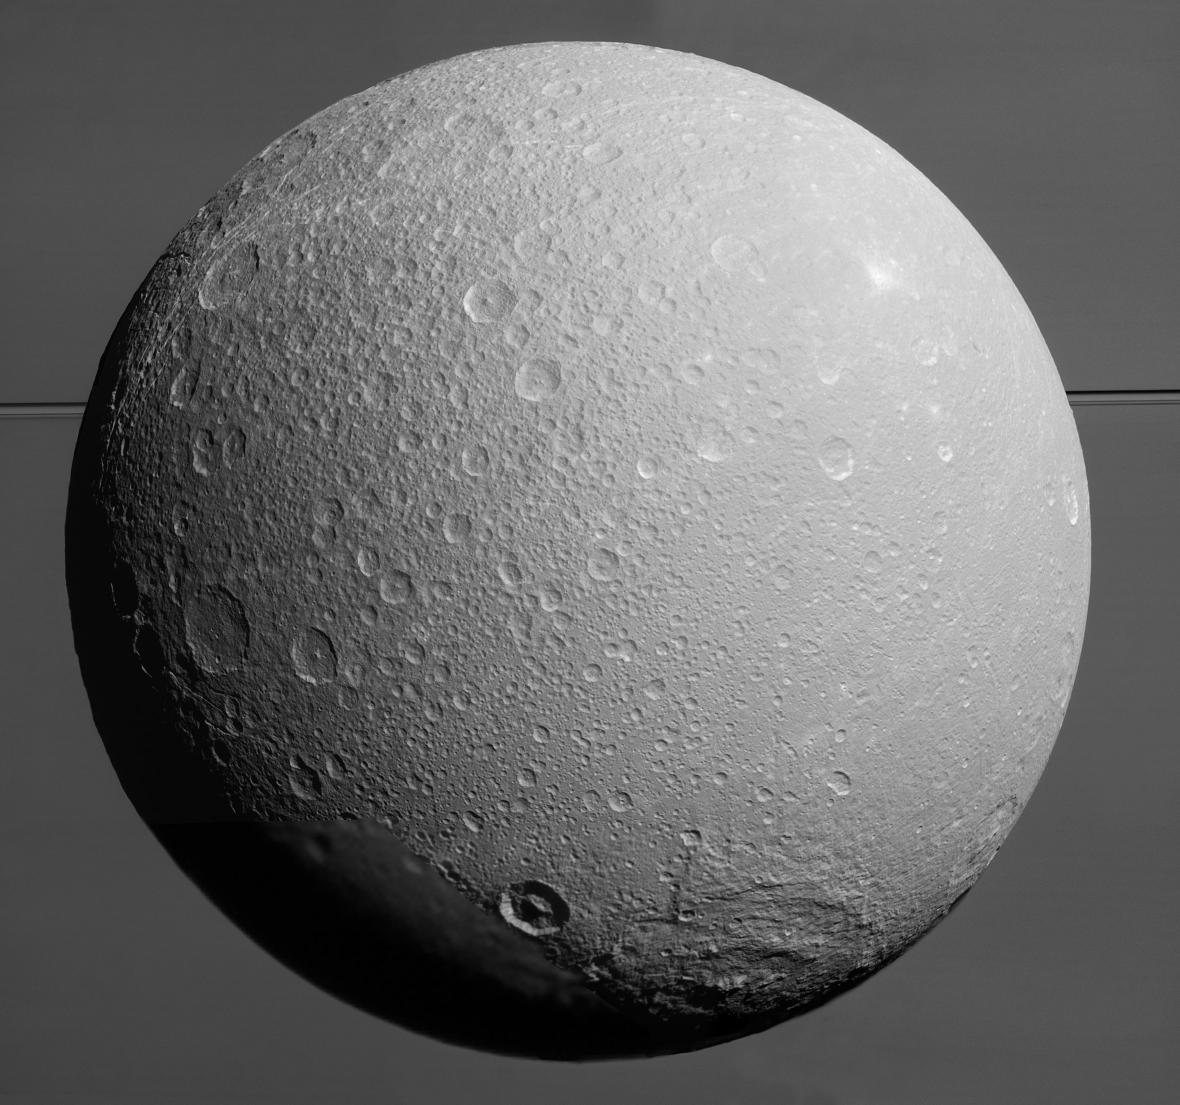 Měsíc Dione